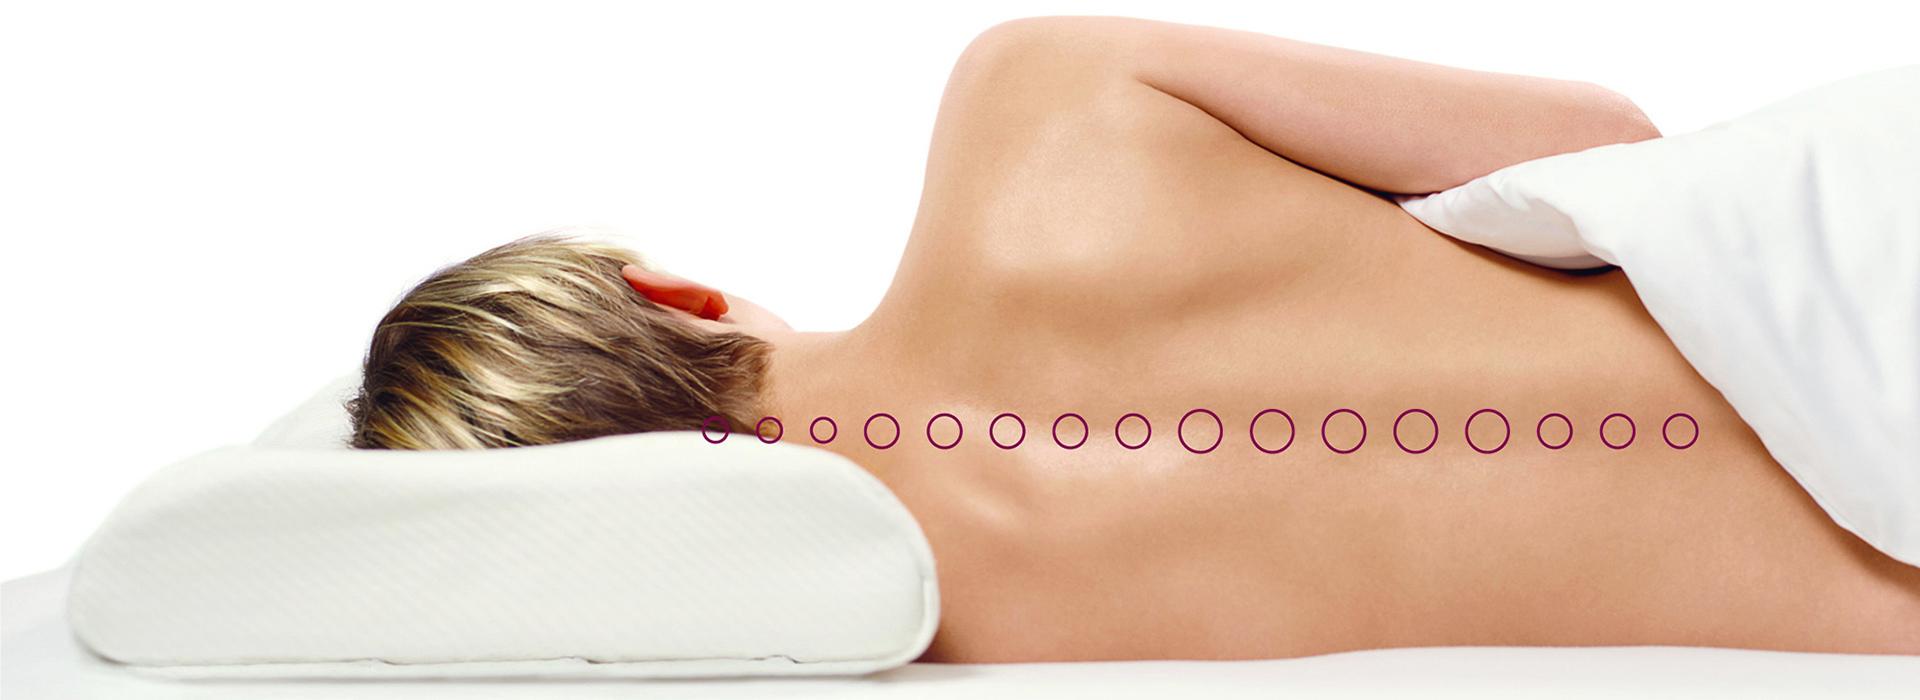 Das Kissen – ergonomische Lagerung des Kopfes gegen Verspannungen und für besseren Schlaf